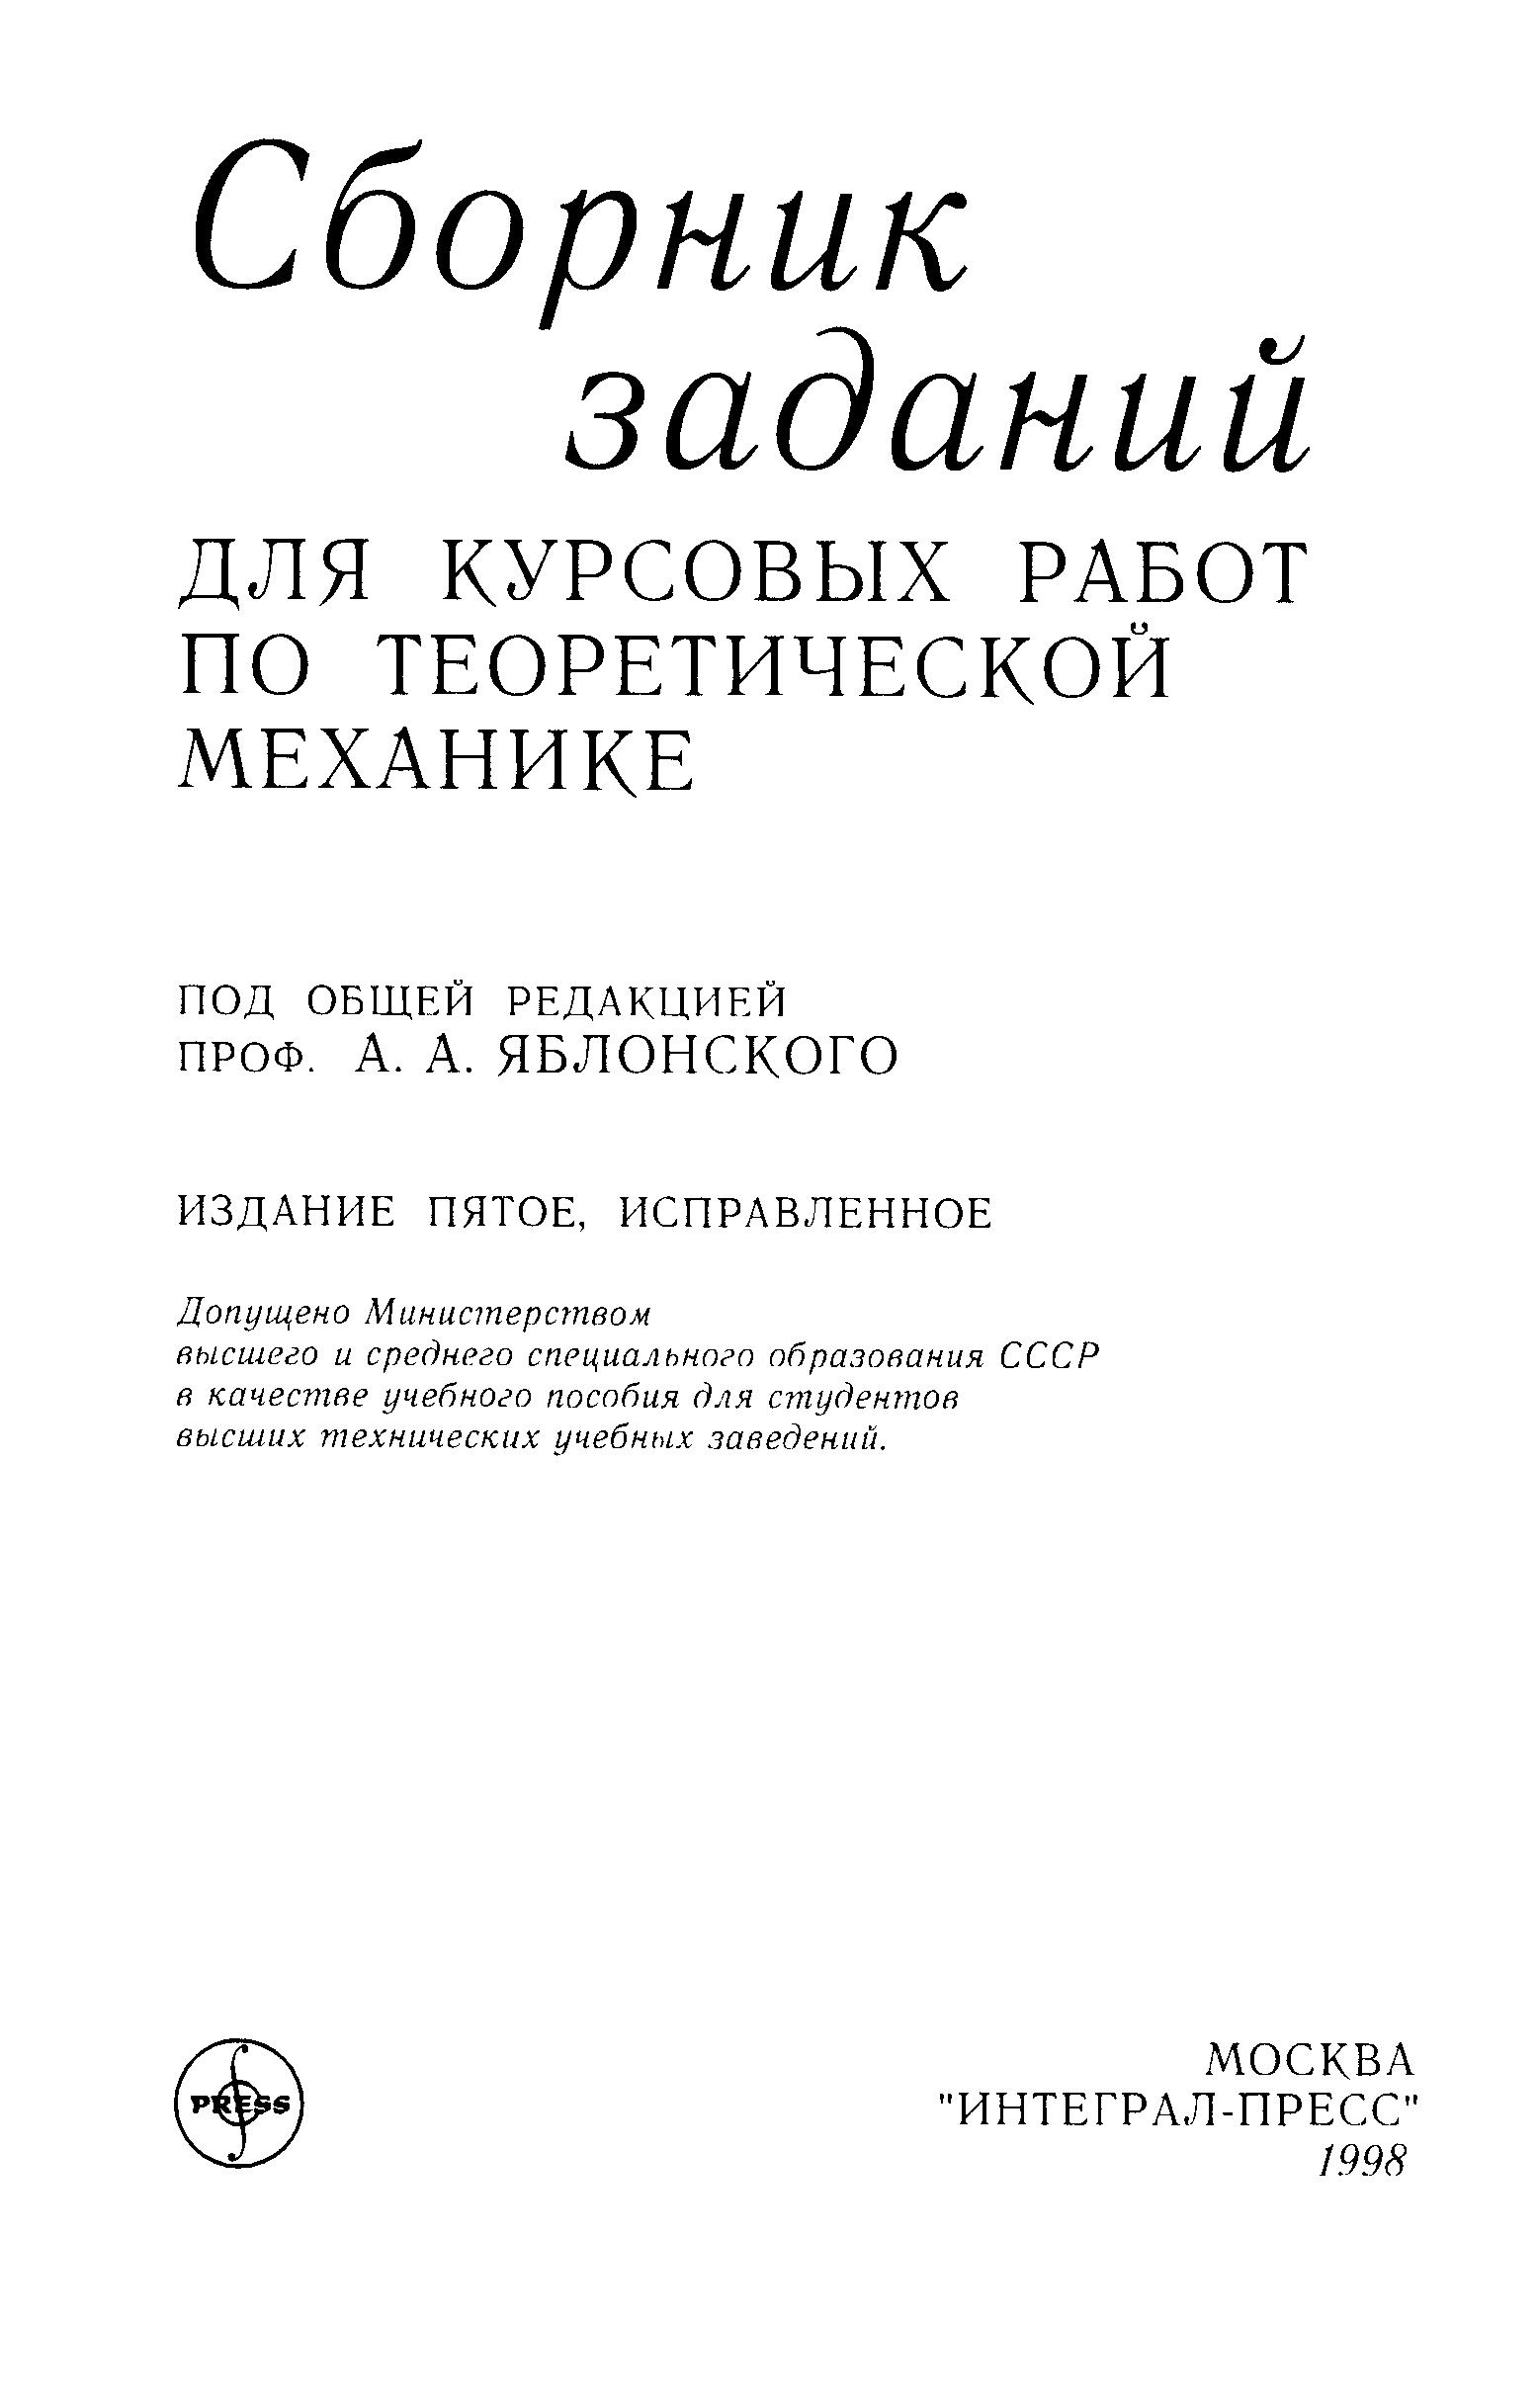 pdf теоретическая скачать задачник механика яблонский